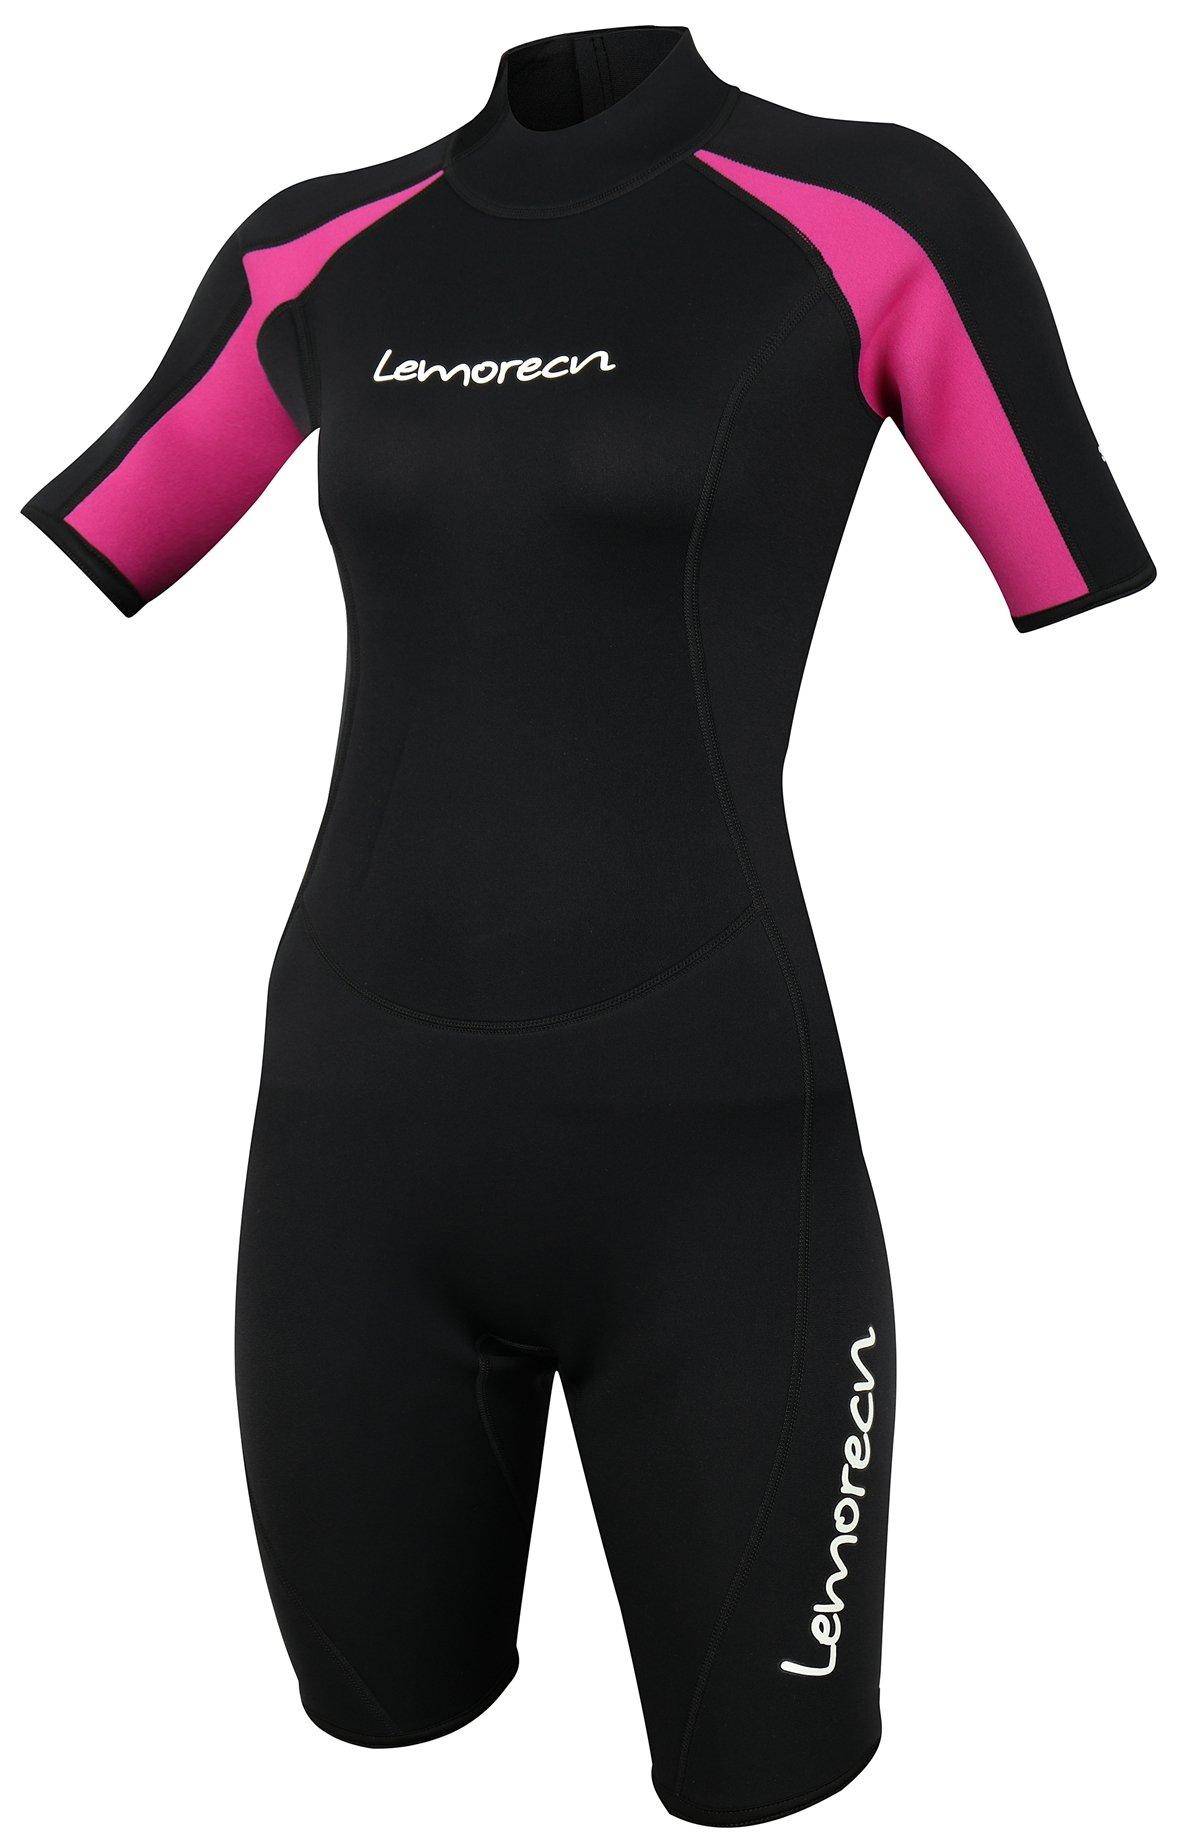 Lemorecn Wetsuits Womens Premium Neoprene Diving Suit 3mm Shorty Jumpsuit(3045-4)